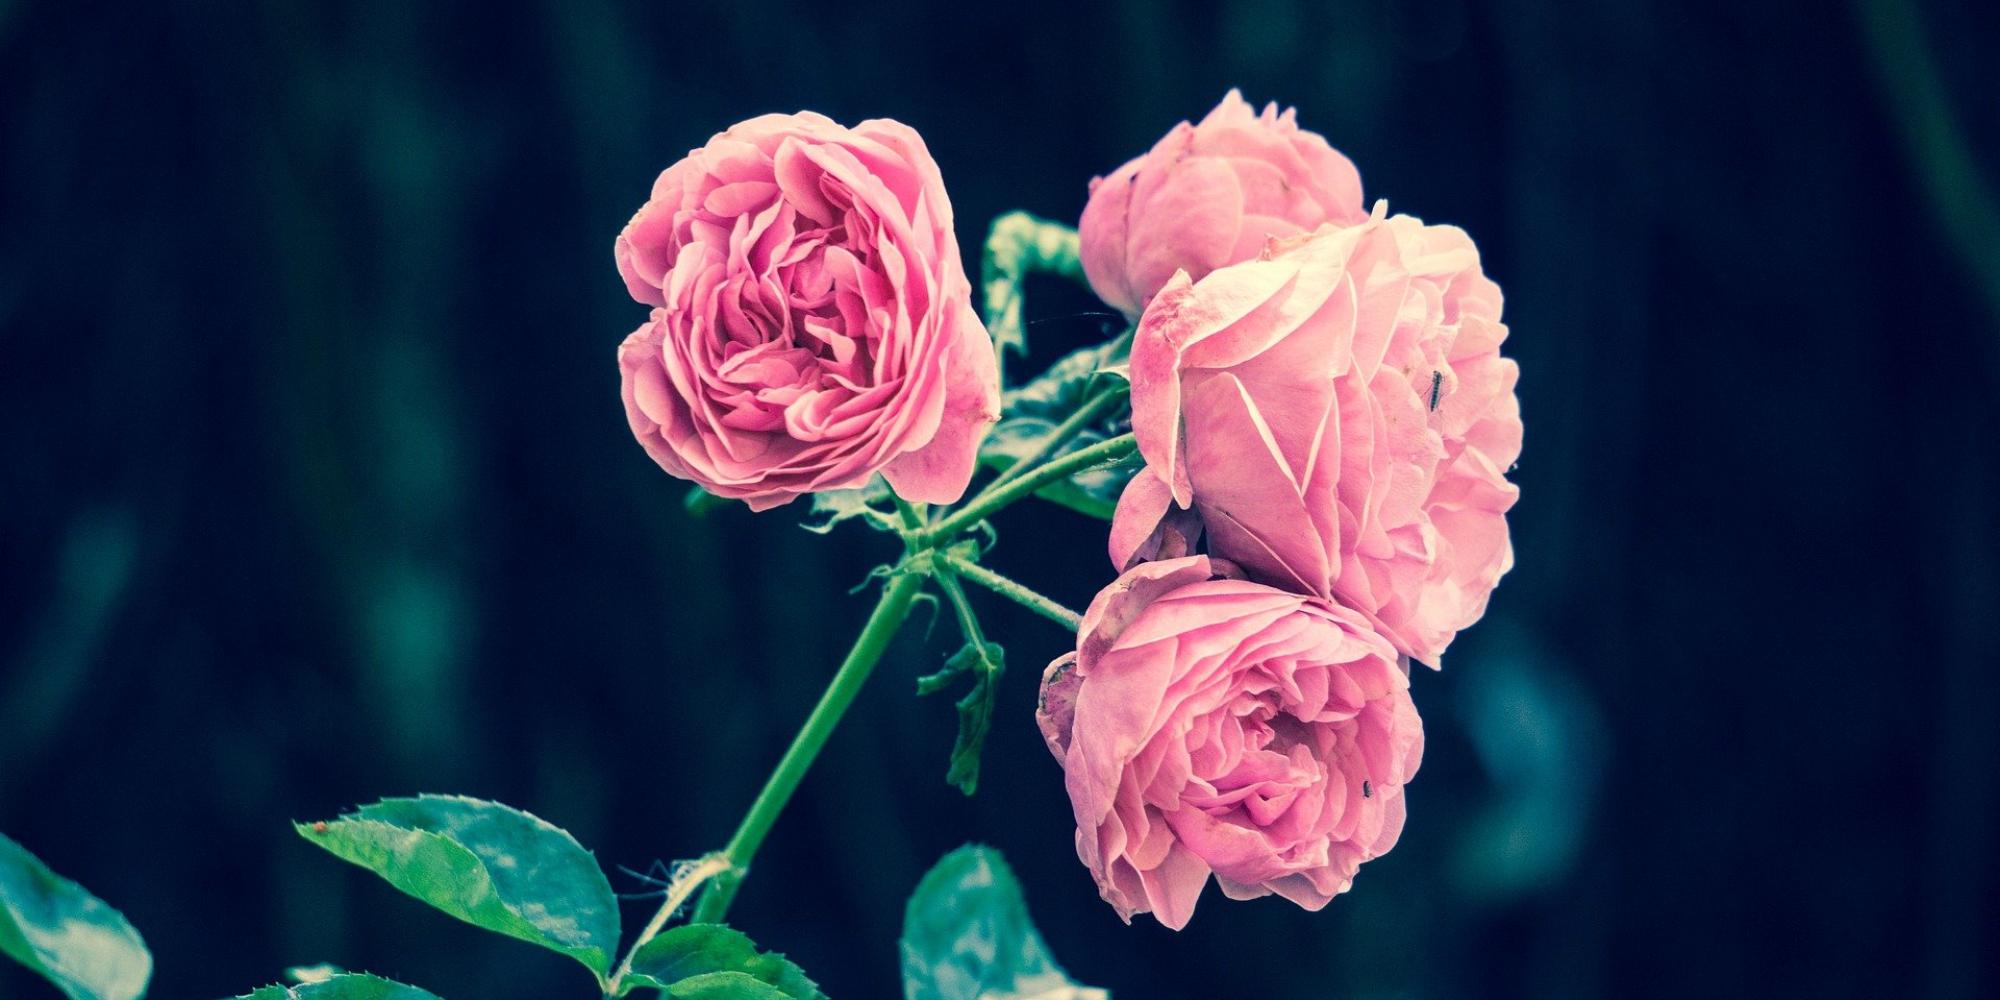 Confit et panna cotta : quand la rose éclot dans votre assiette